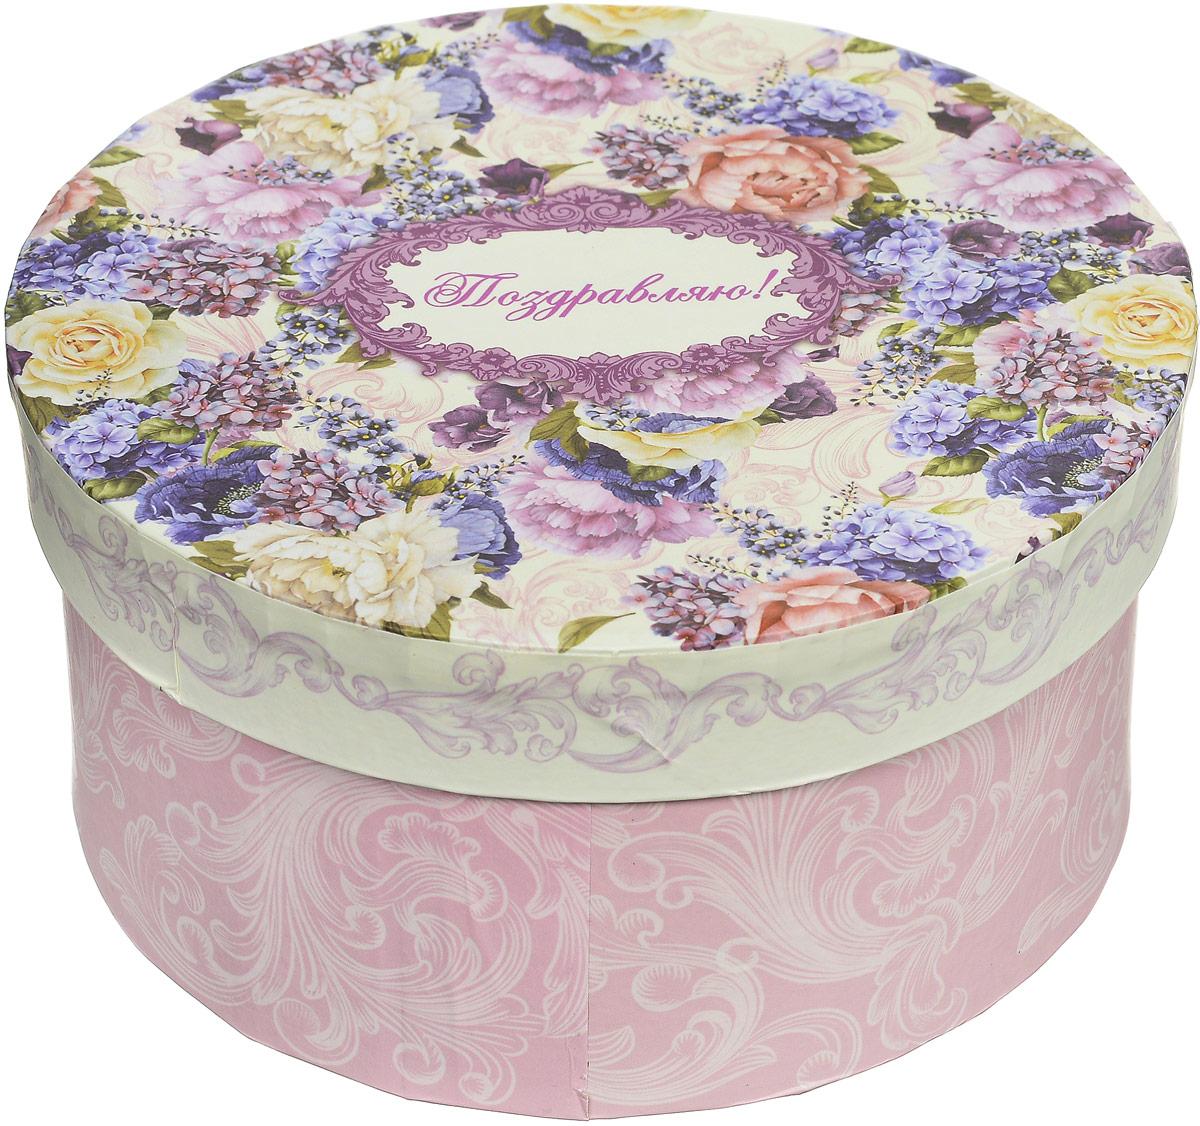 Коробка подарочная Magic Home Лиловые букеты, круглая, 14 х 14 х 7 см44274Подарочная коробка Magic Home Лиловые букеты, выполнена из мелованного ламинированного картона. Коробочка оформлена оригинальным цветочным рисунком. Изделие имеет круглую форму и закрывается крышкой с надписью Поздравляю!. Подарочная коробка - это наилучшее решение, если вы хотите порадовать близких людей и создать праздничное настроение, ведь подарок, преподнесенный в оригинальной упаковке, всегда будет самым эффектным и запоминающимся. Окружите близких людей вниманием и заботой, вручив презент в нарядном, праздничном оформлении.